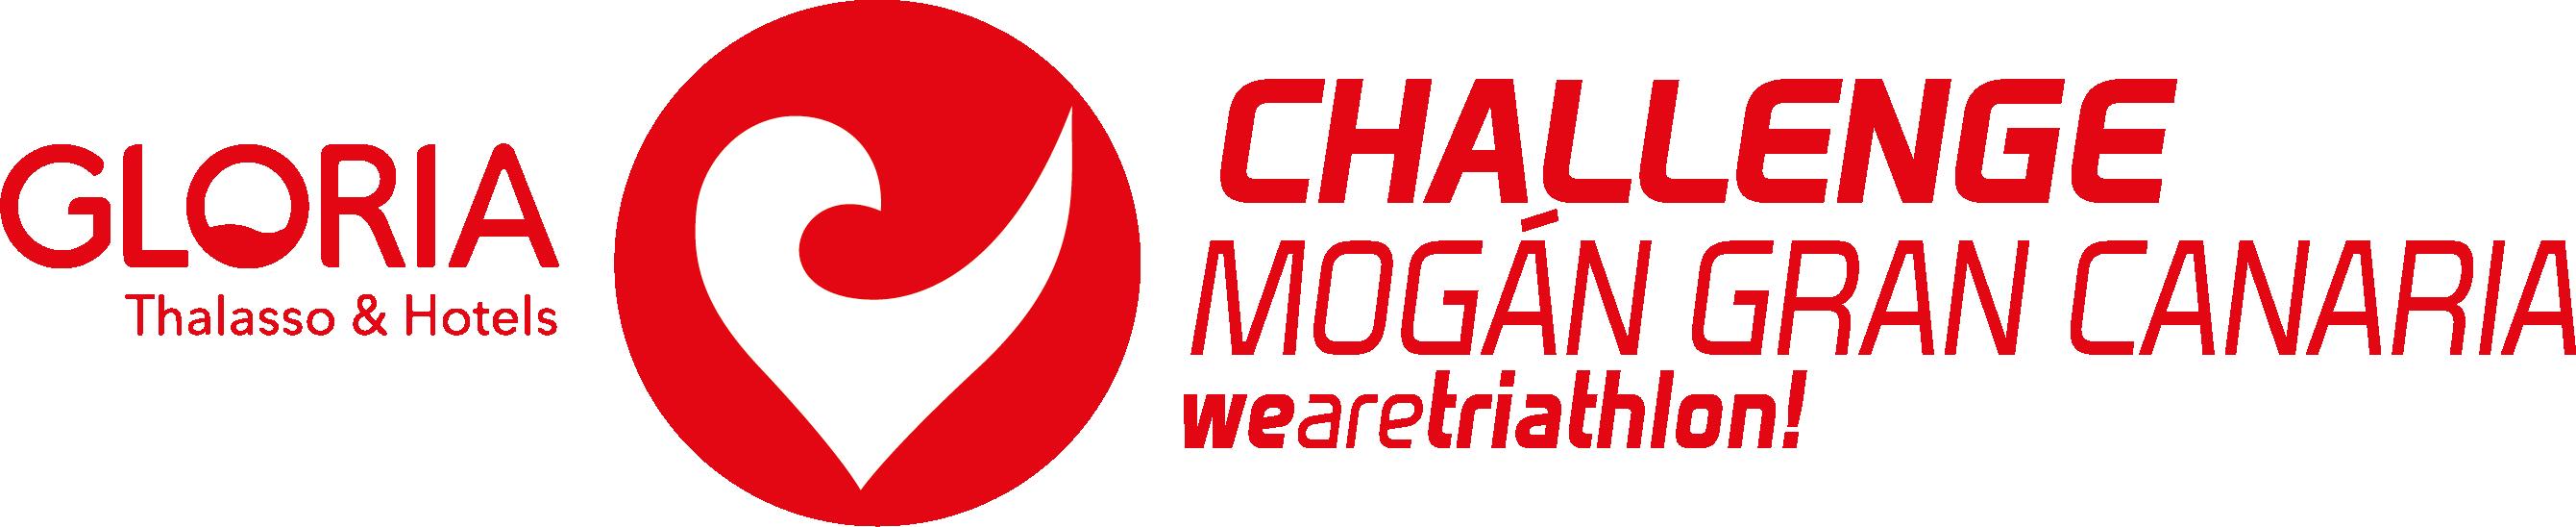 LOGO-VERTICAL-CHALLENGE- MOGAN